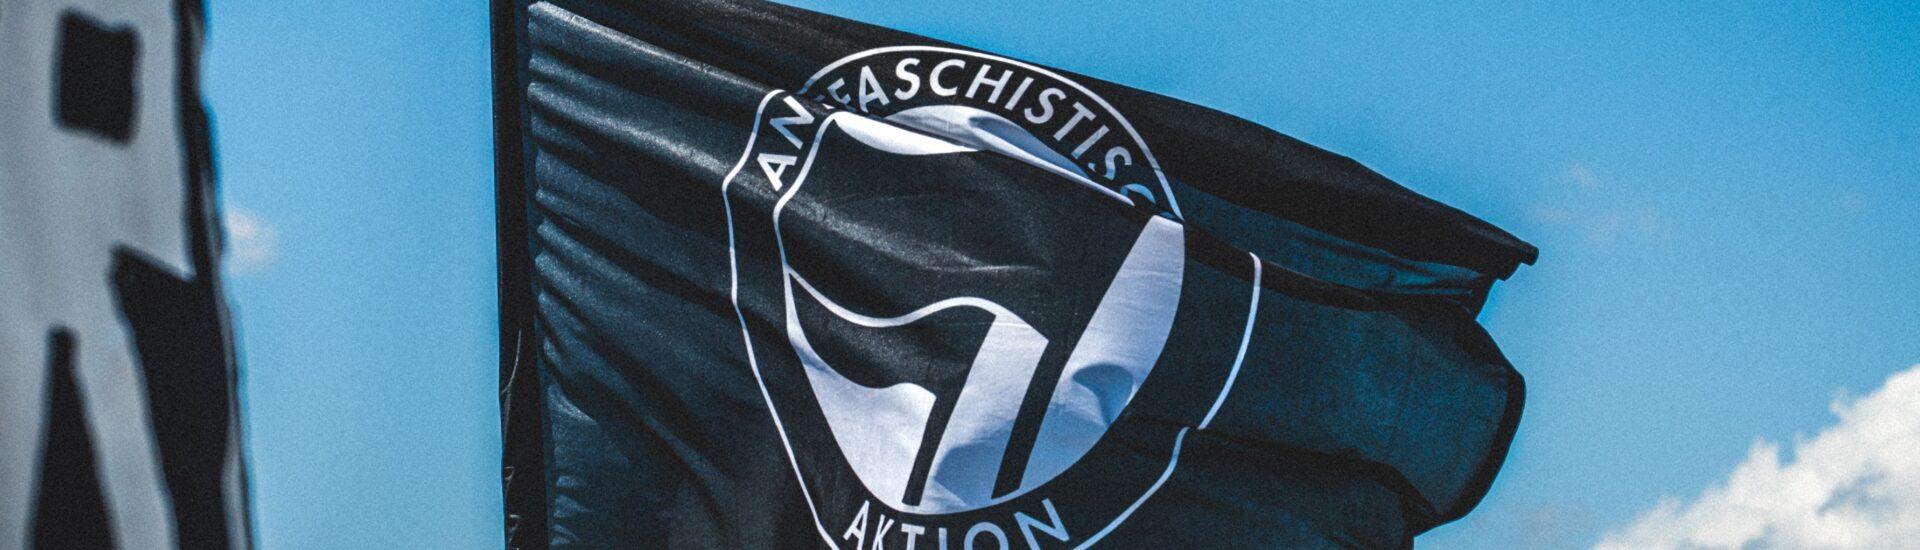 Η συζήτηση για τους Antifa στην Αμερική